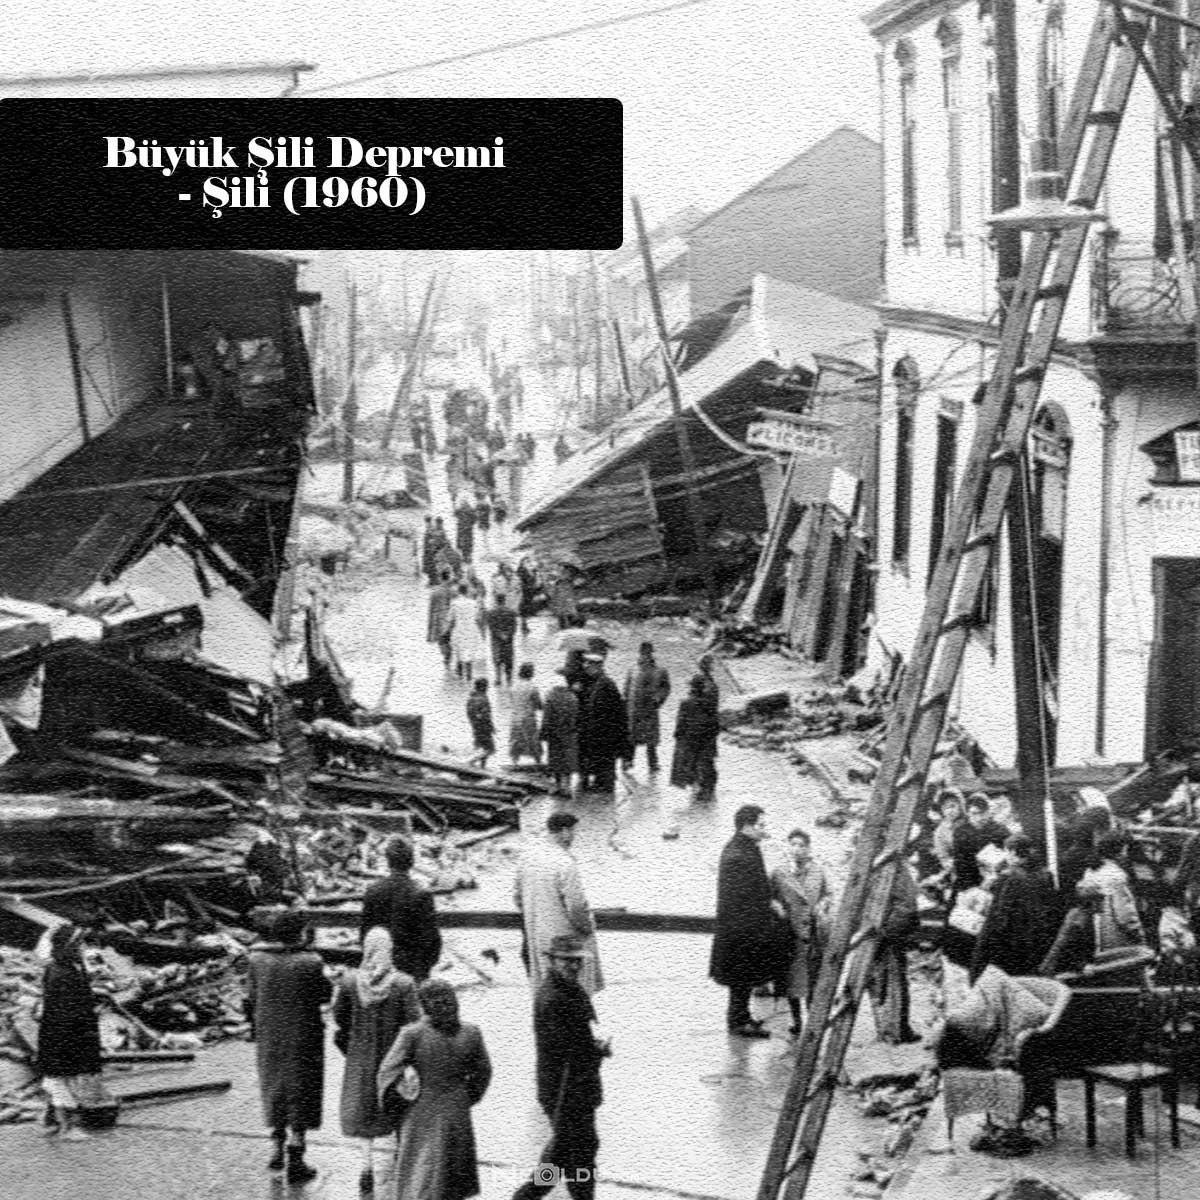 buyuk-sili-depremi---sili-(1960).jpg